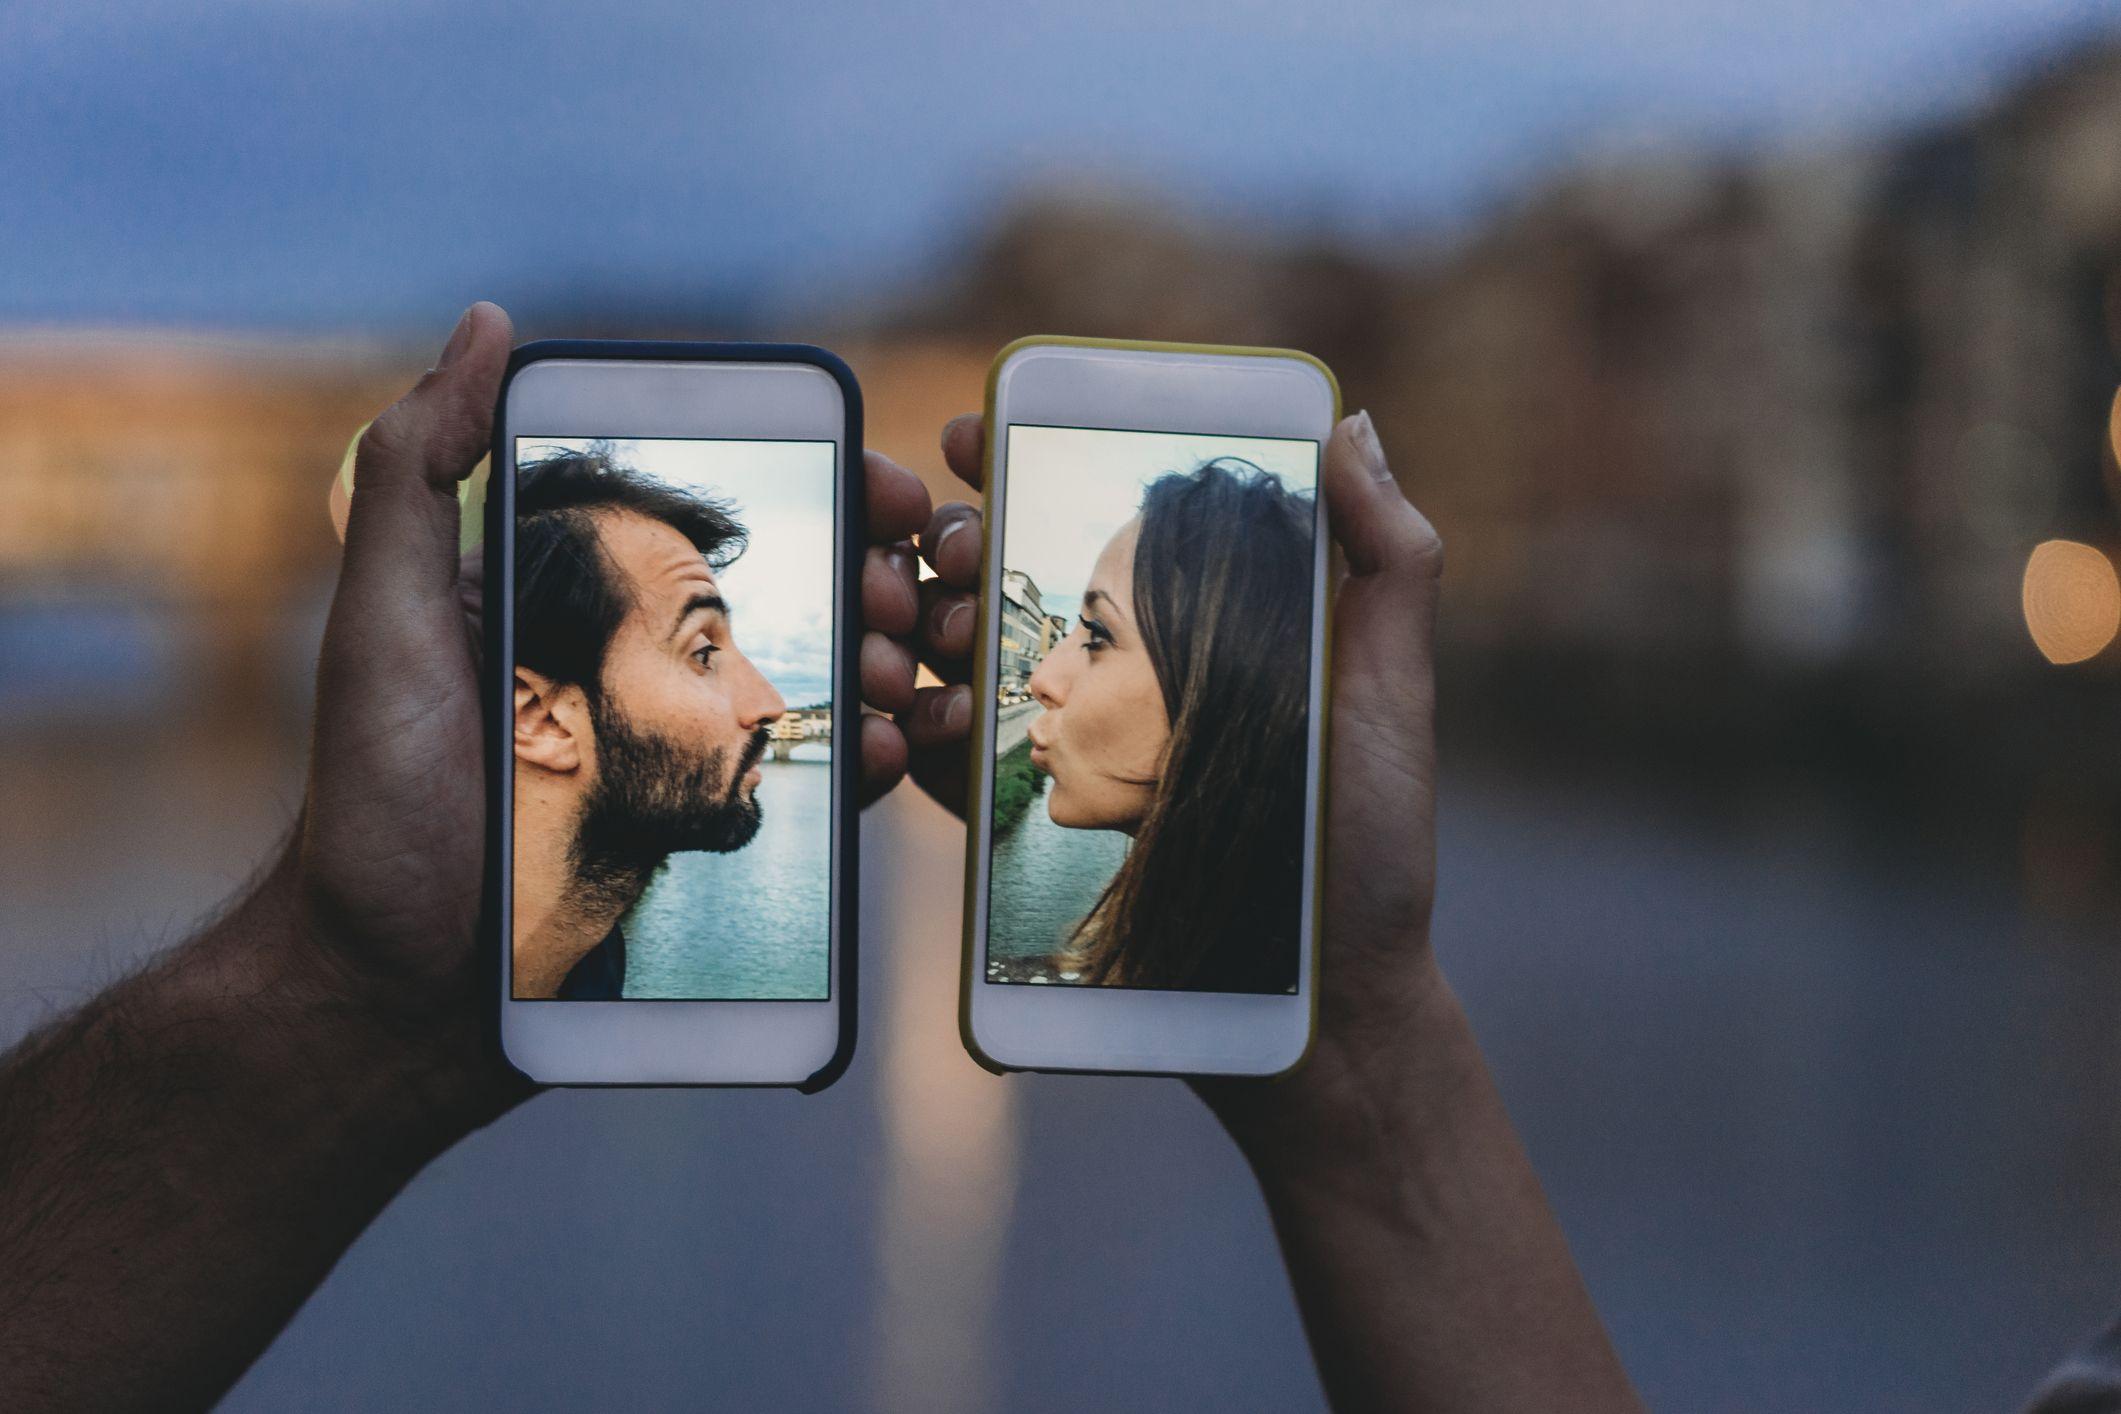 Le 21 domande di coppia da farvi in chat per essere più intimi (anche in una relazione a distanza)